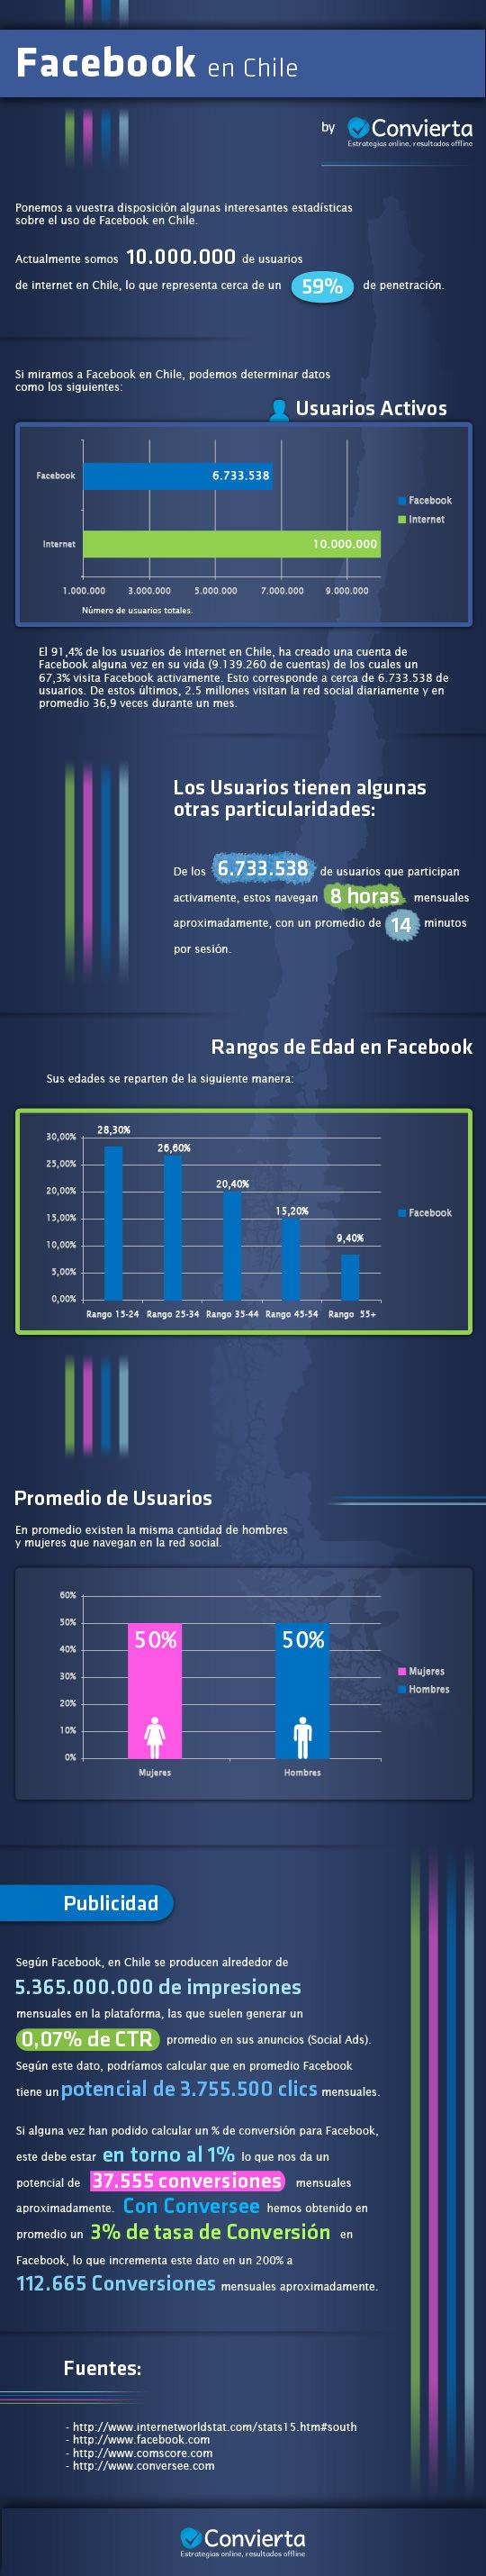 Infografía Facebook en Chile 2012